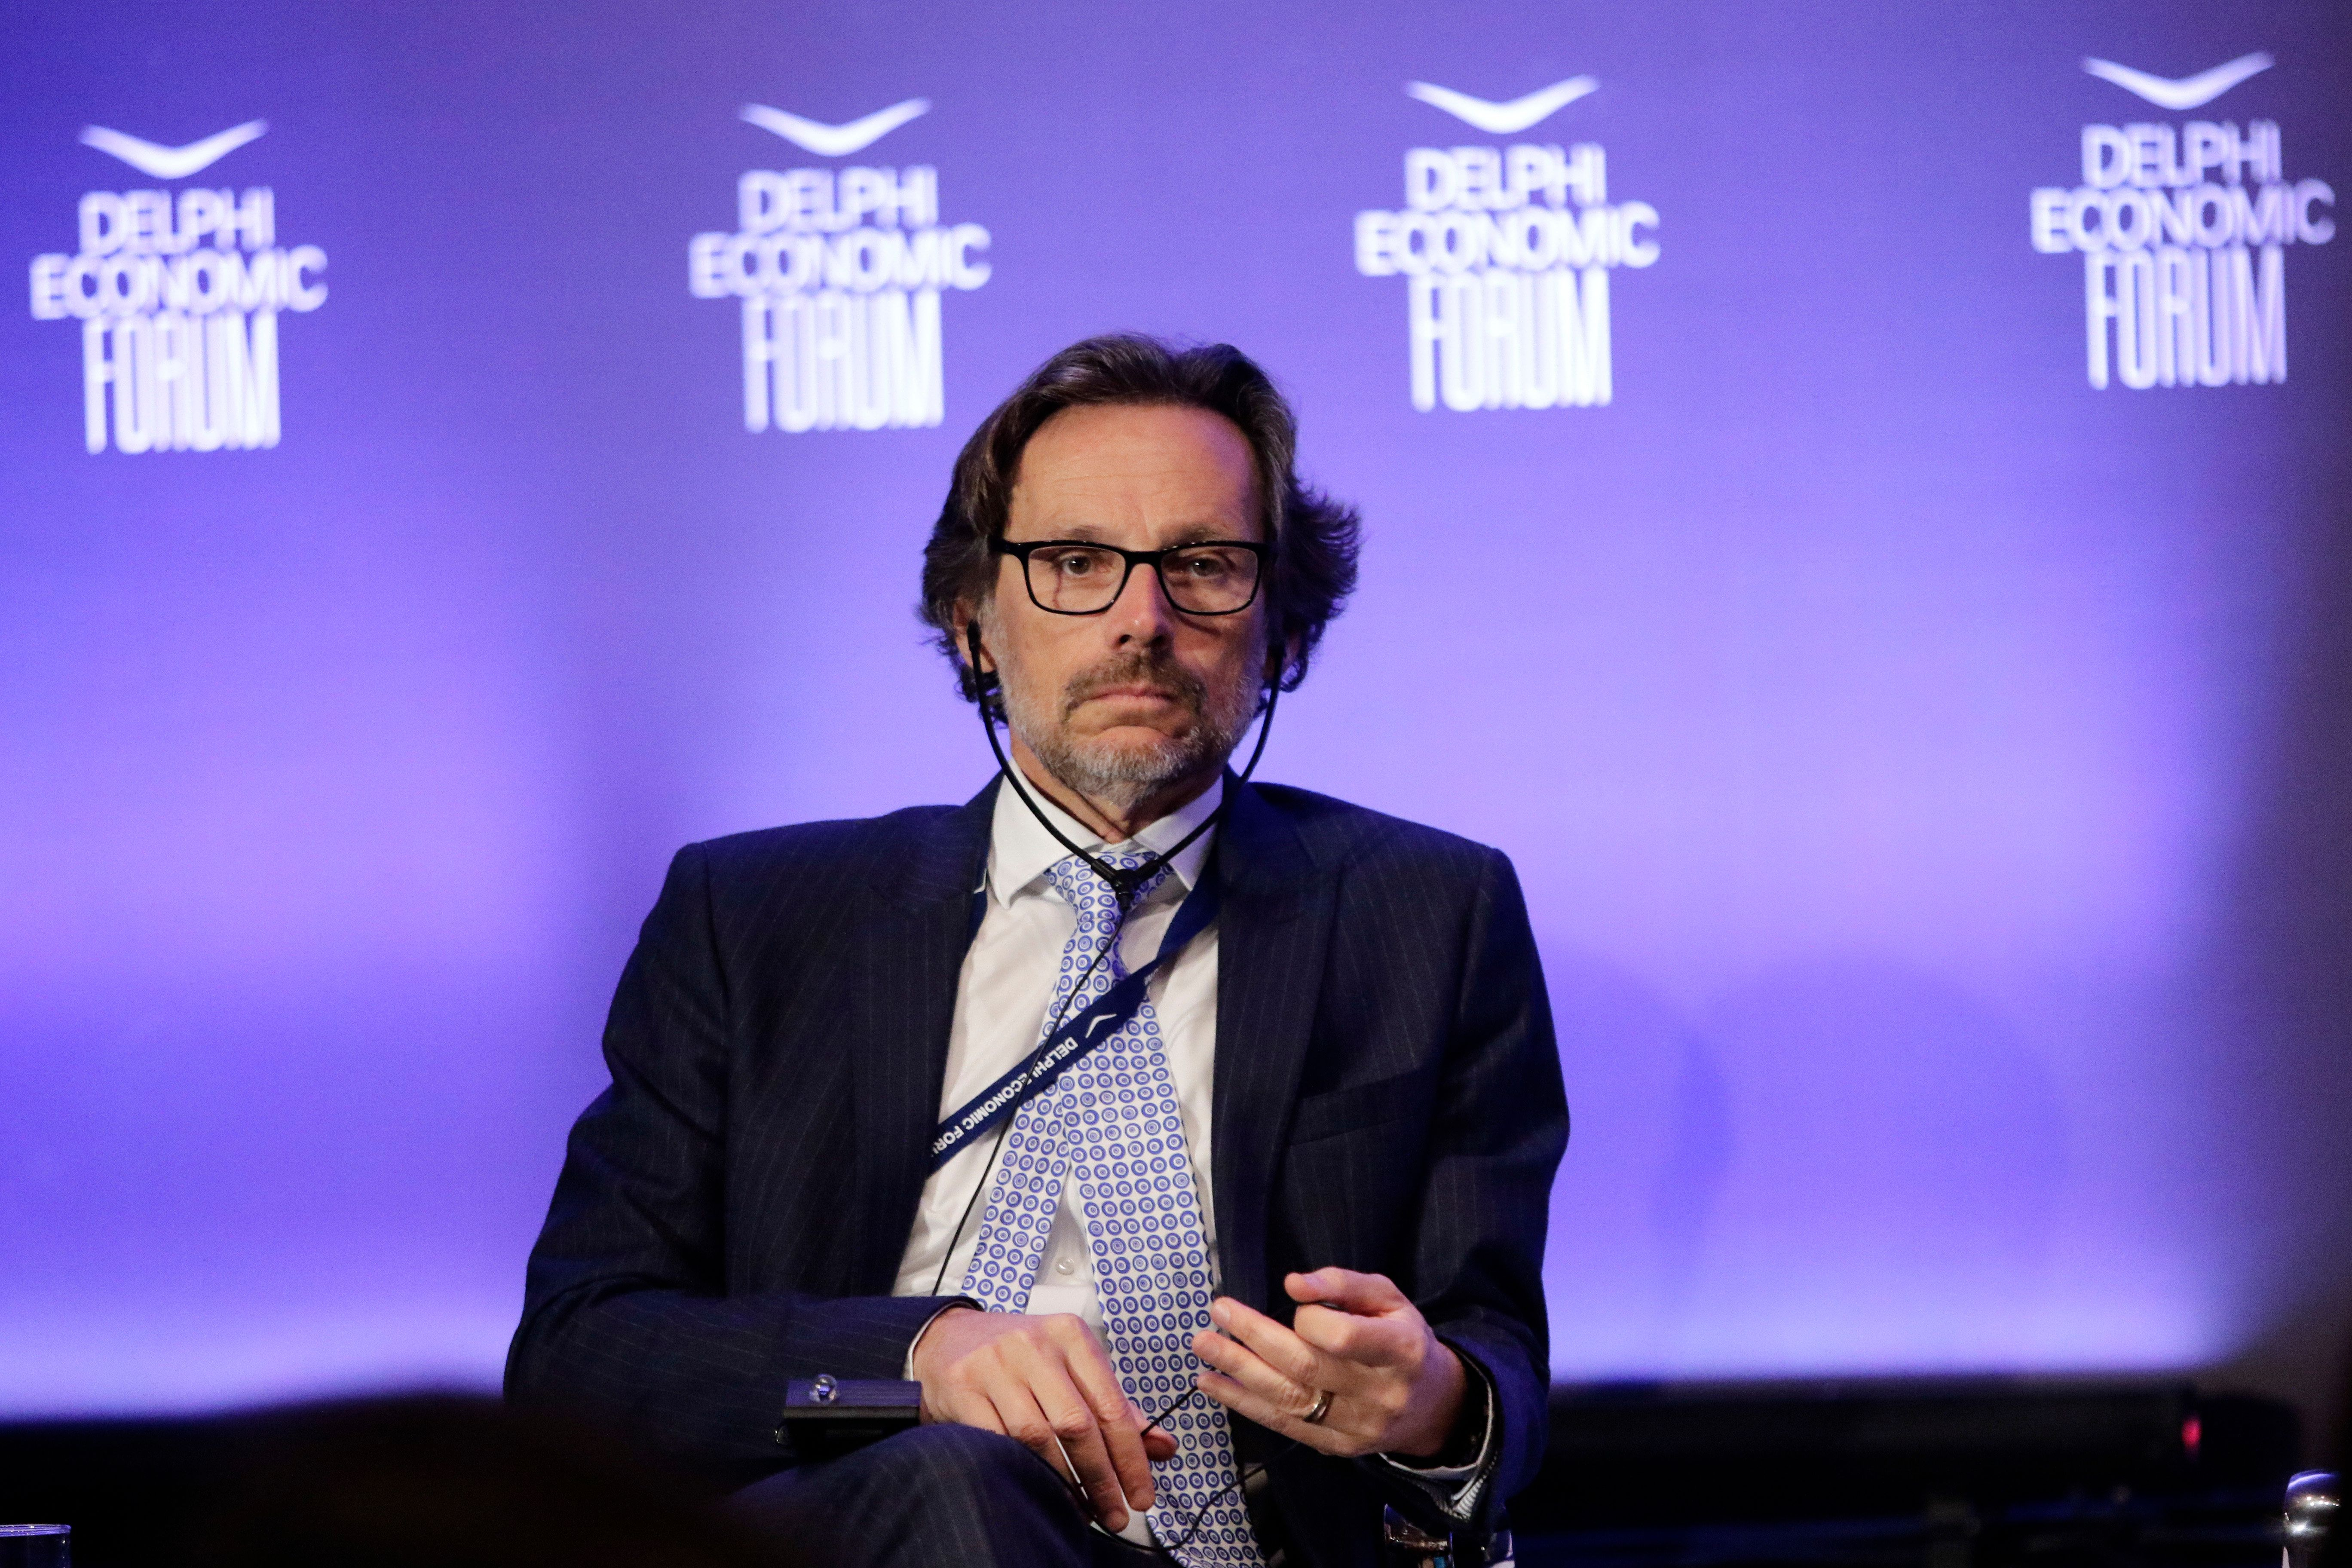 Πλέτνερ: «Απολύτως αποκρουστικές» οι υποθέσεις για οποιουδήποτε είδους «ανταλλαγή» μεταξύ της Ελλάδας...